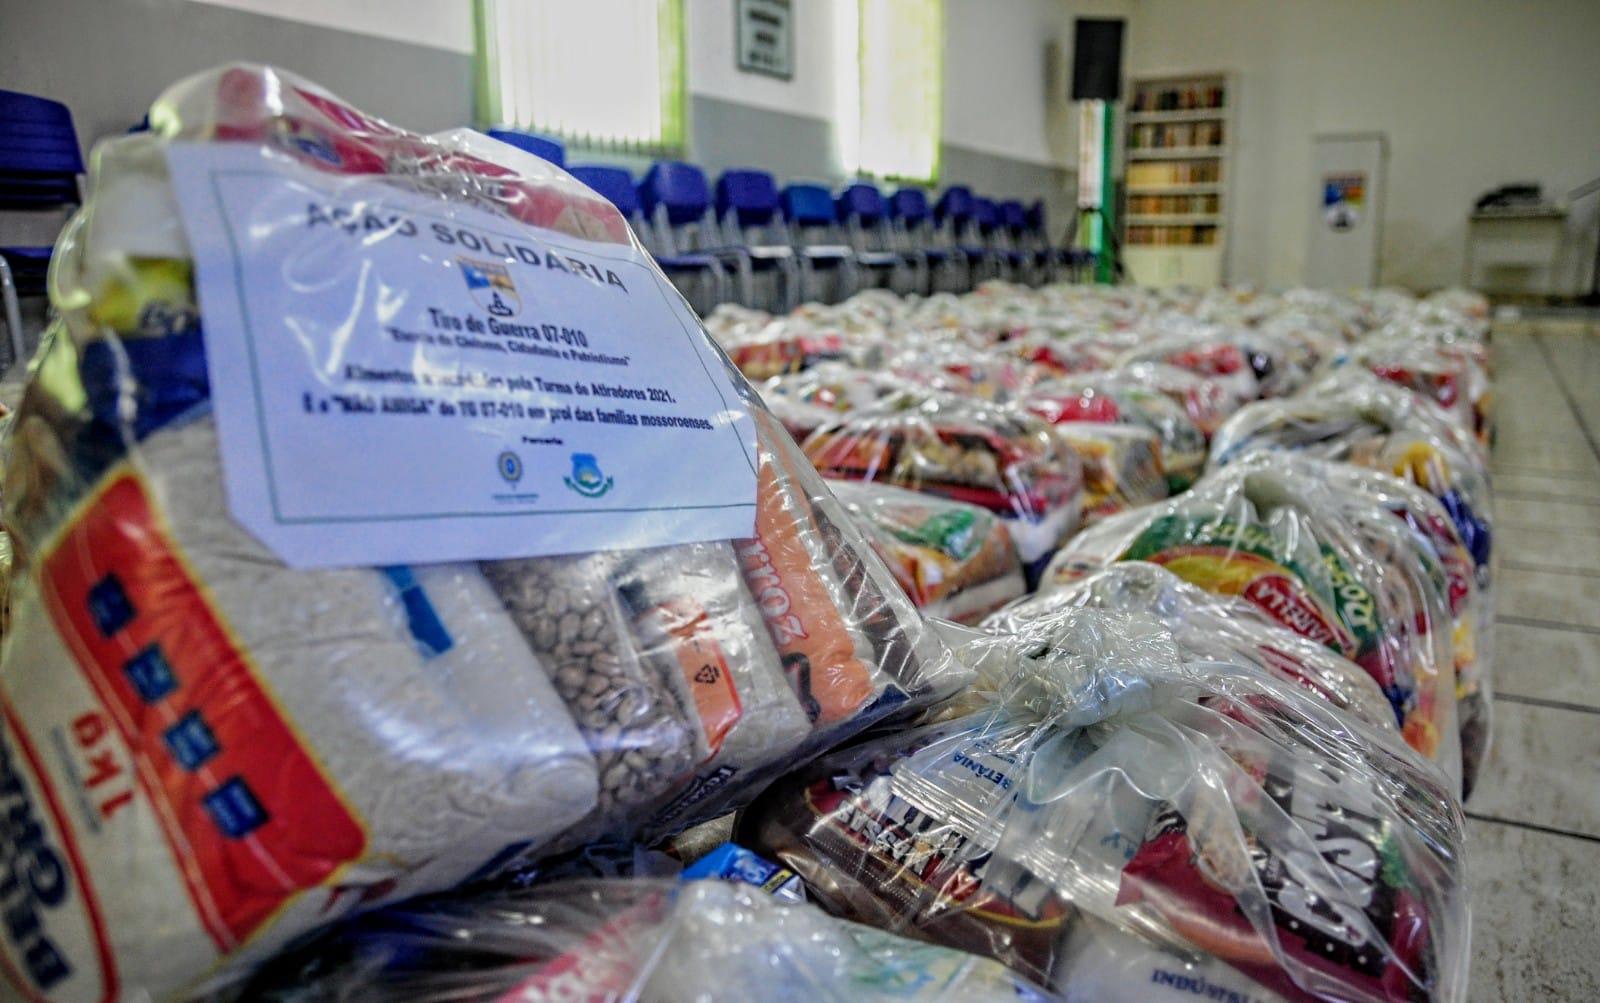 Ação solidária arrecada mais de 10 toneladas de alimentos em campanha